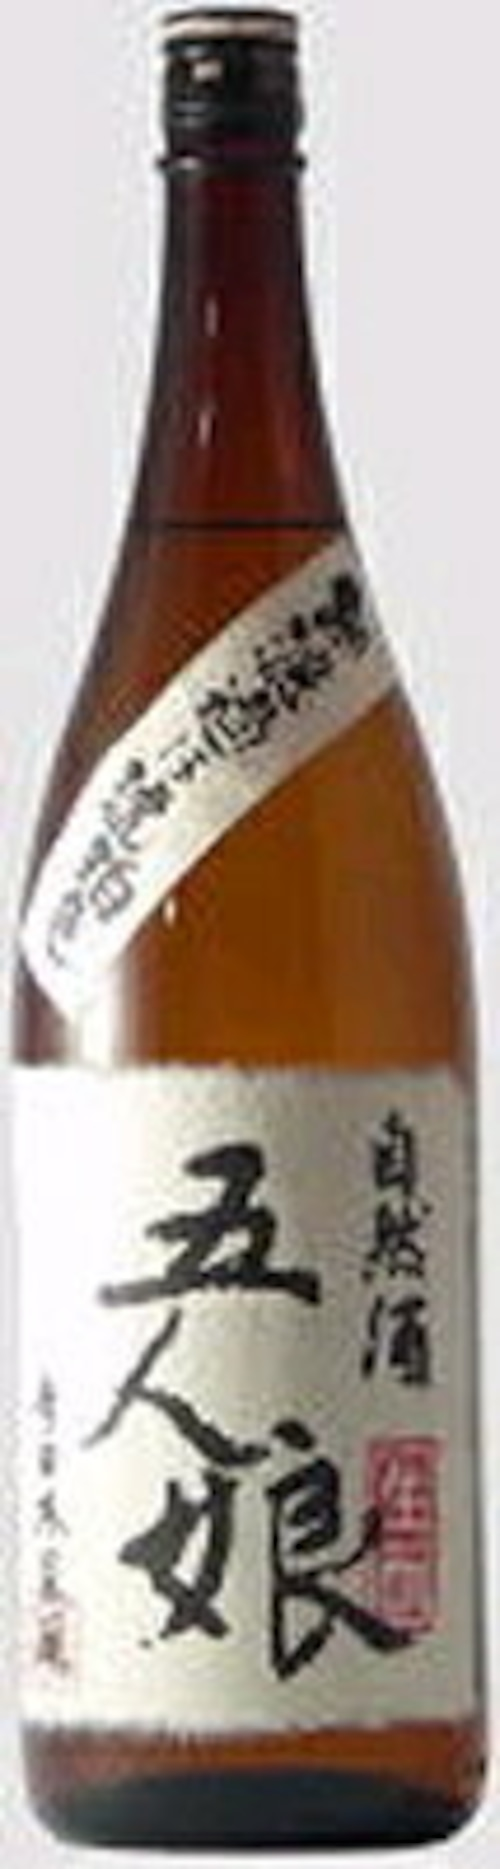 自然酒 五人娘 生もと純米酒 1800ml